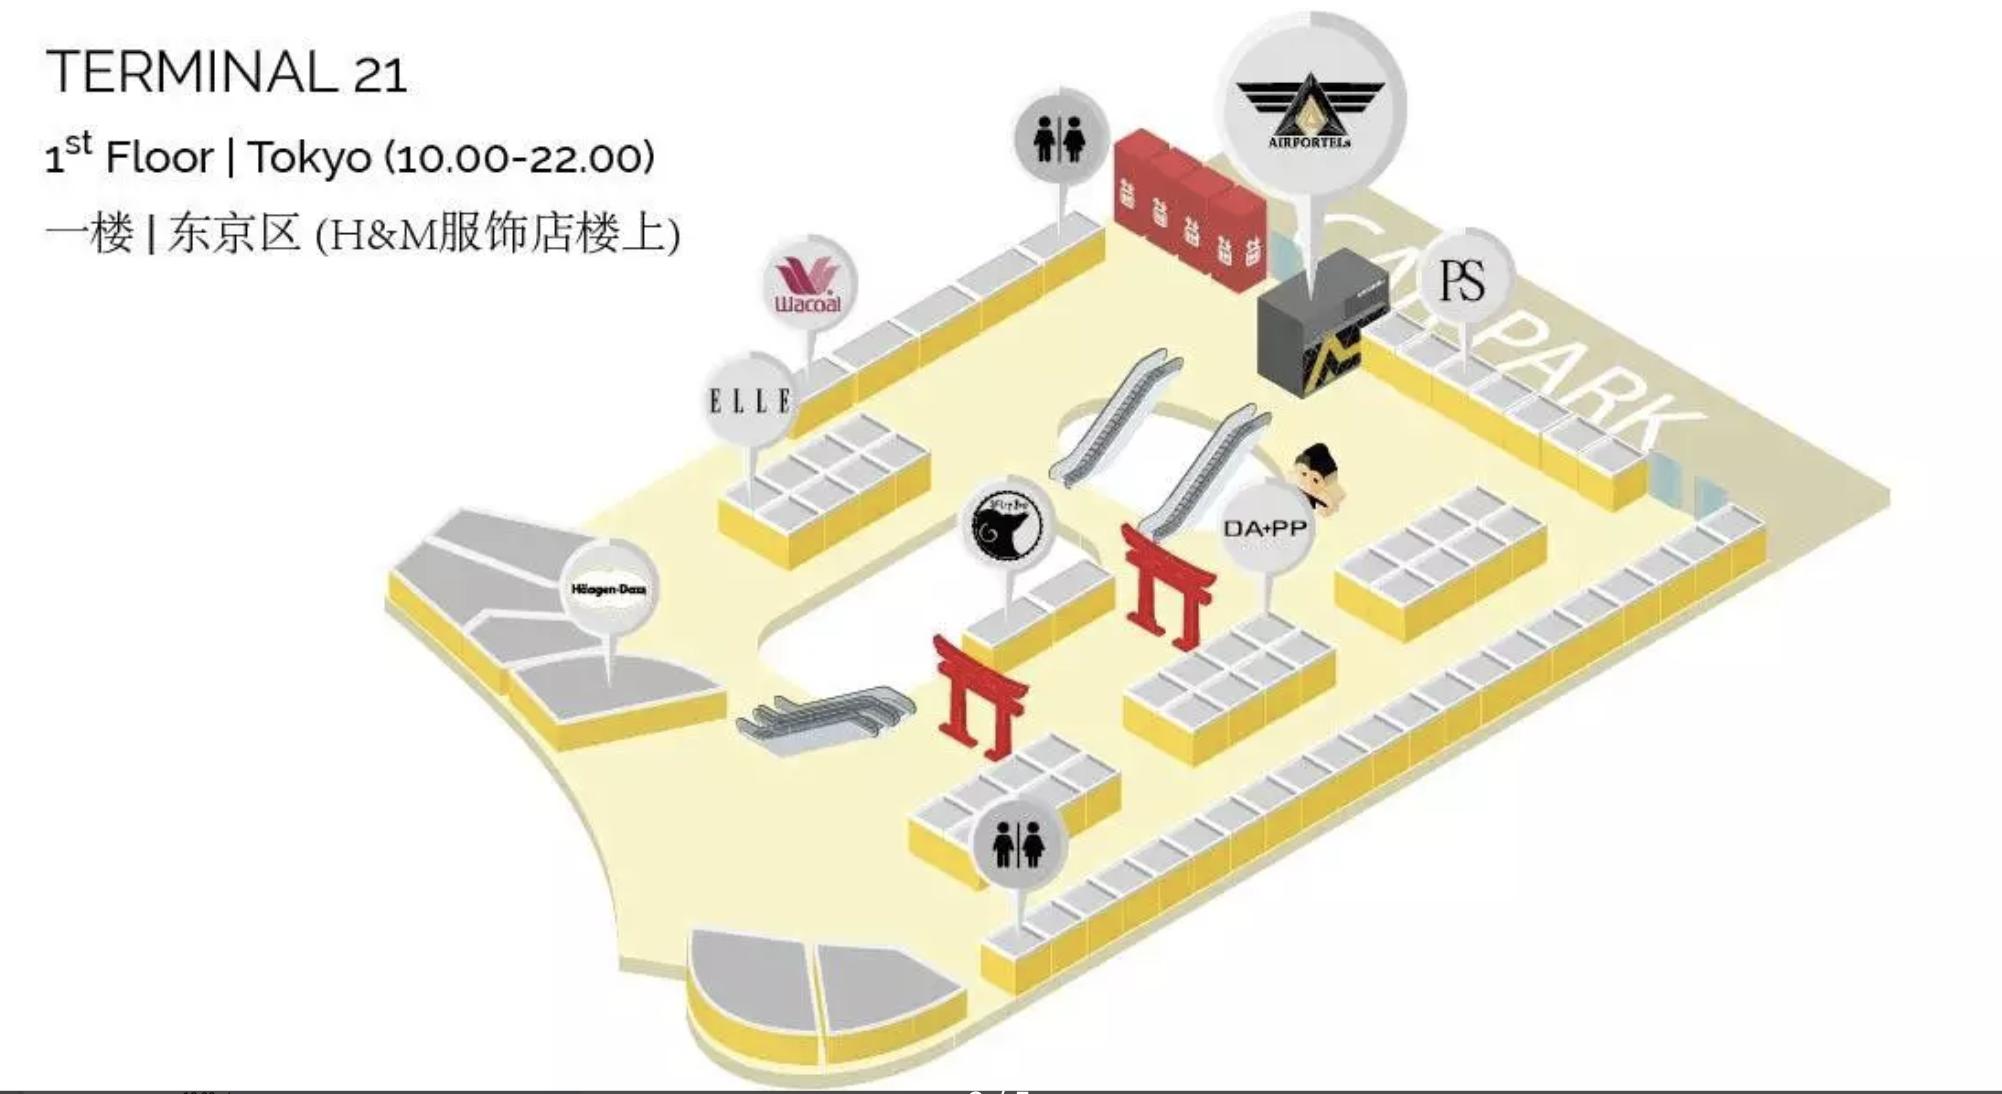 曼谷行李寄放,曼谷行李寄送,曼谷寄放行李,曼谷行李置物櫃,曼谷行李送去機場